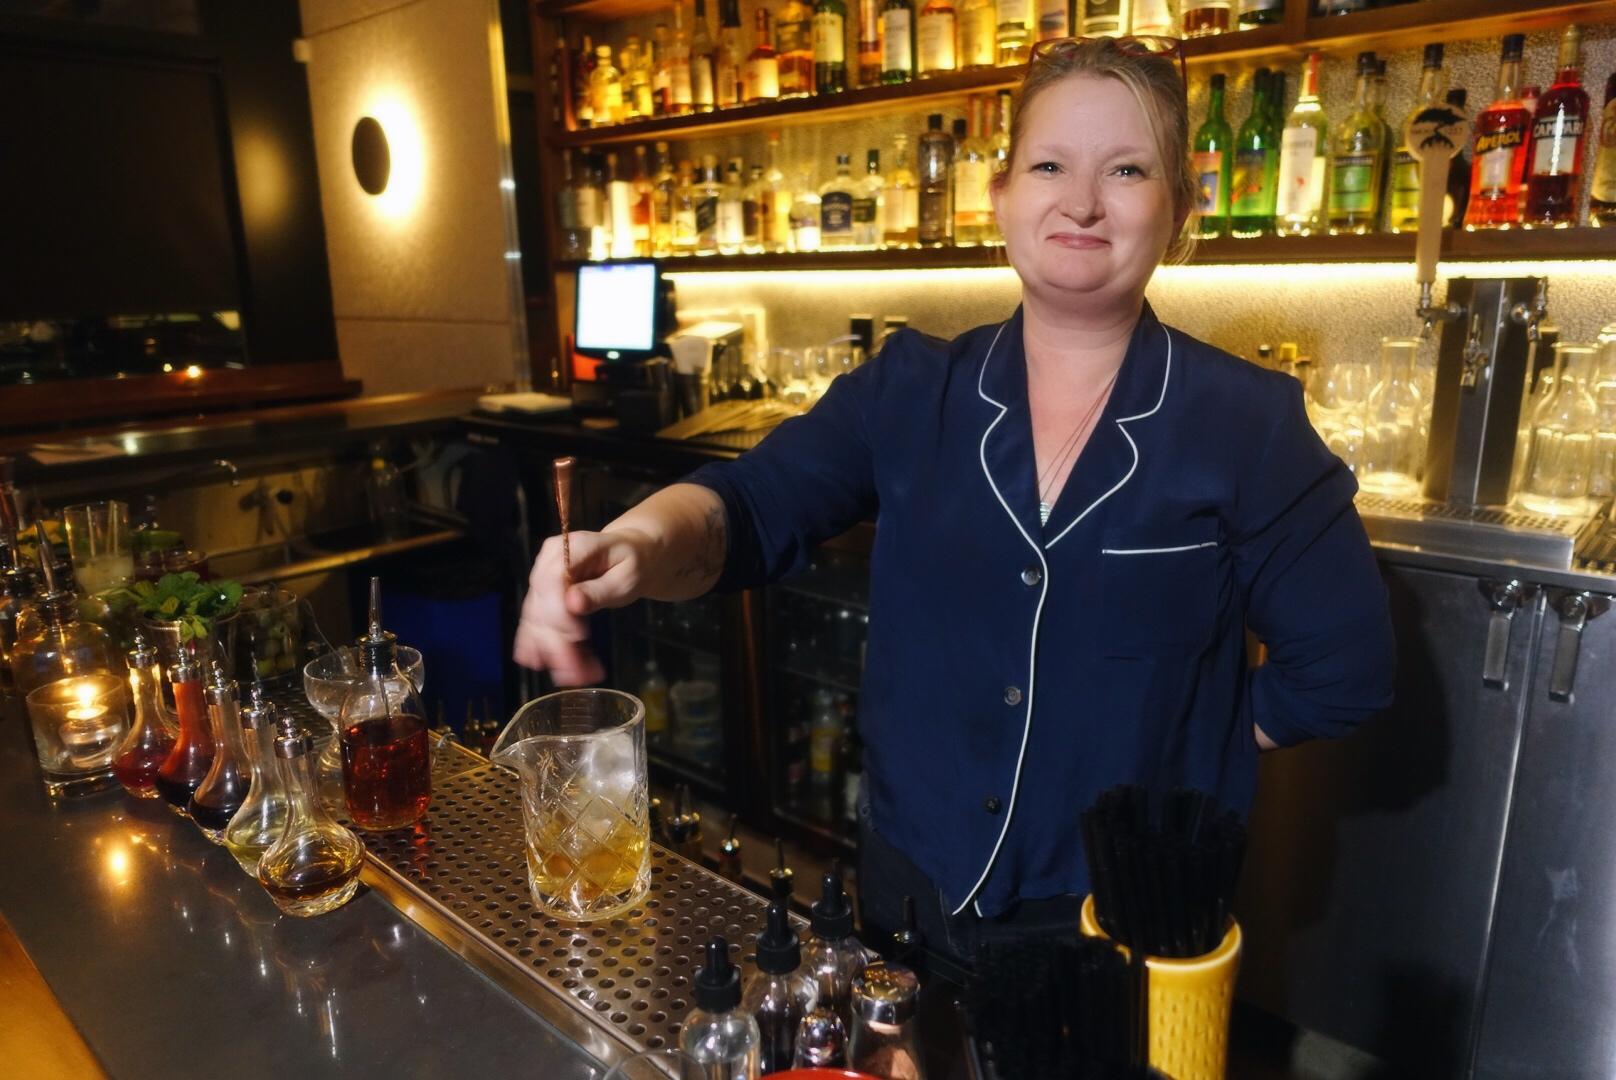 Gabriella Mlynarczyk at Accomplice Bar